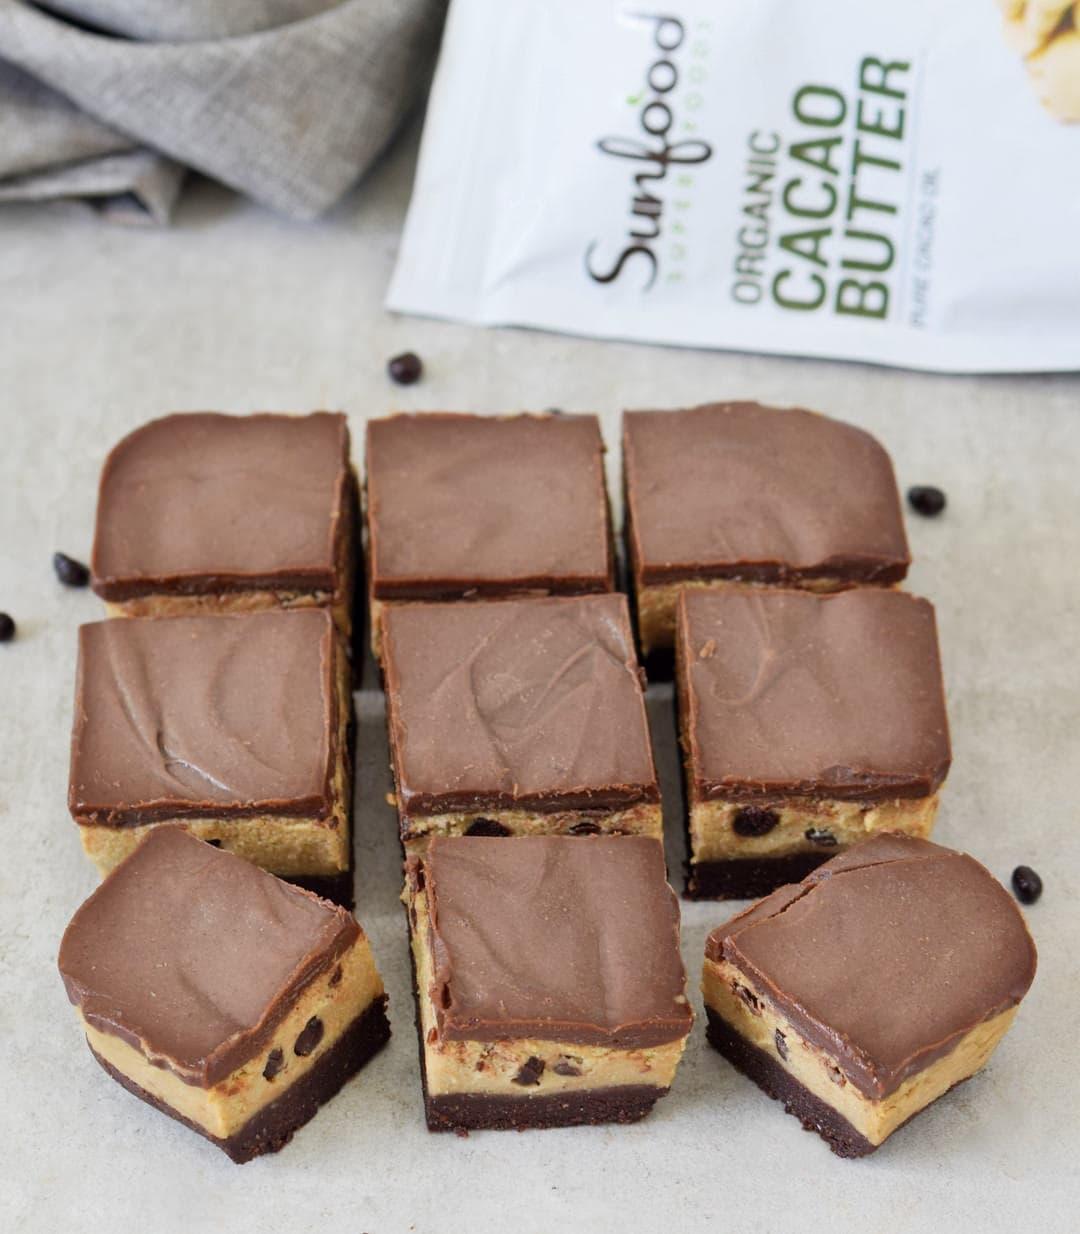 Vegane und glutenfreie Cookie Dough Brownies geschnitten mit Sunfood Kakaobutter Packung im Hintergrund